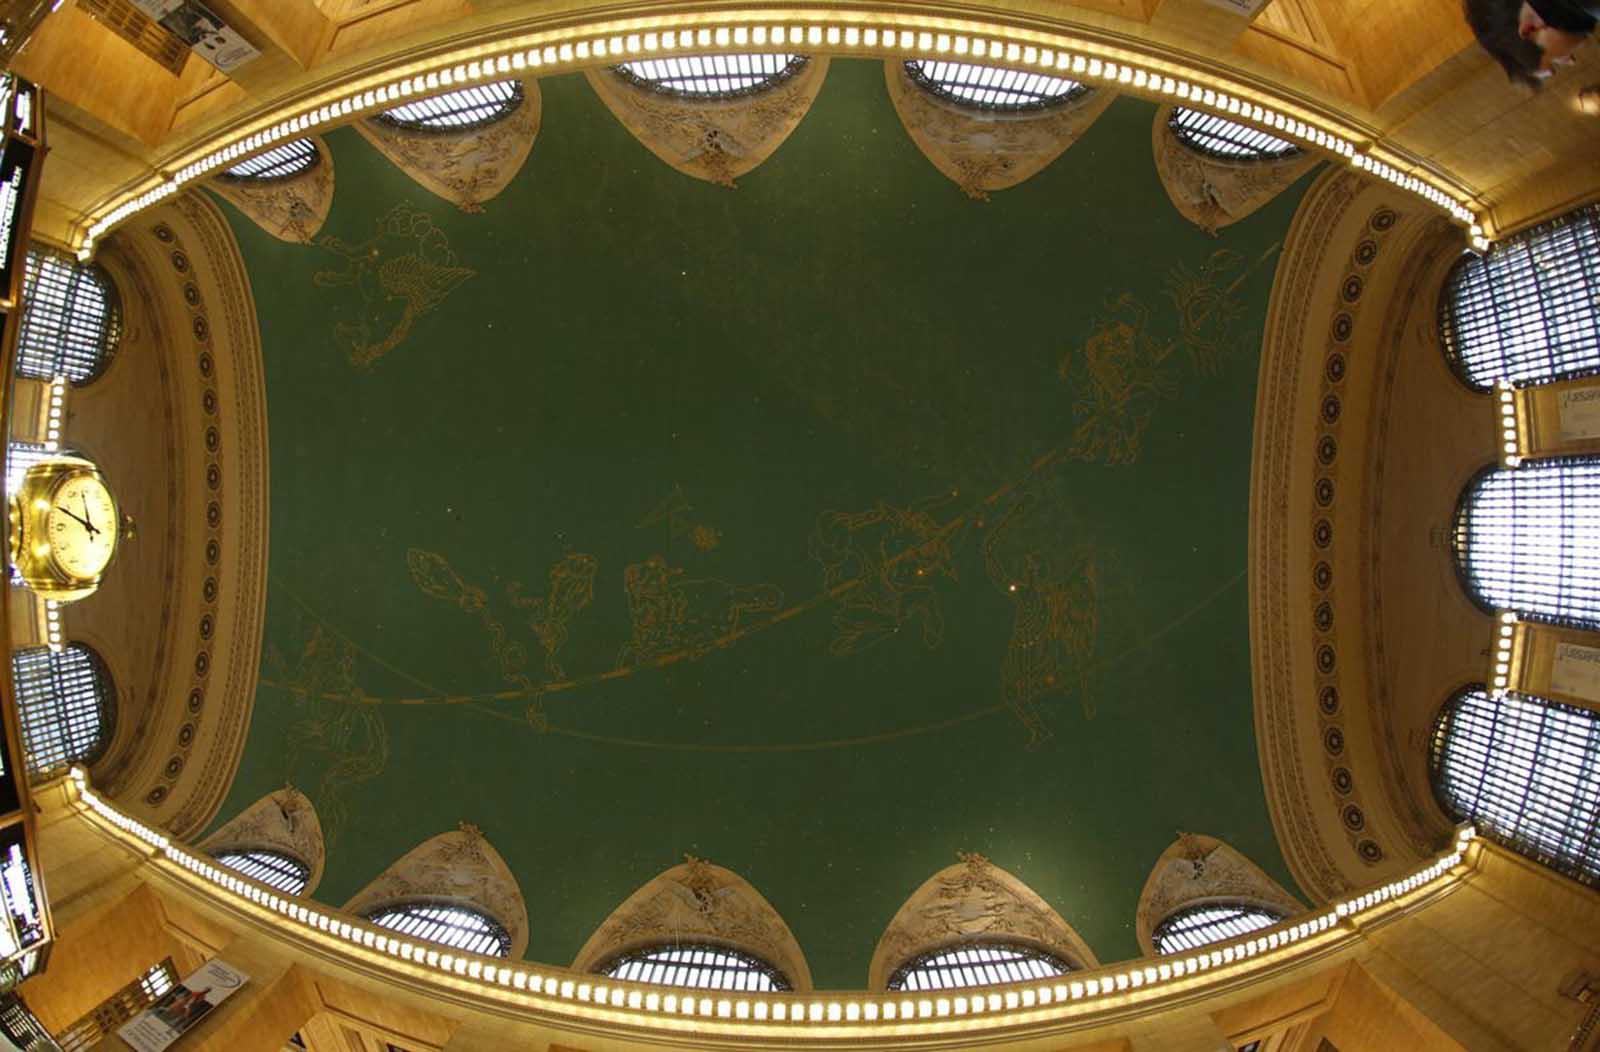 Las 59 estrellas brillan como parte del zodiaco pintado al revés en constelaciones de hojas de oro que abarcan el techo de la terminal principal de Grand Central Terminal en Nueva York, el 25 de enero de 2013.